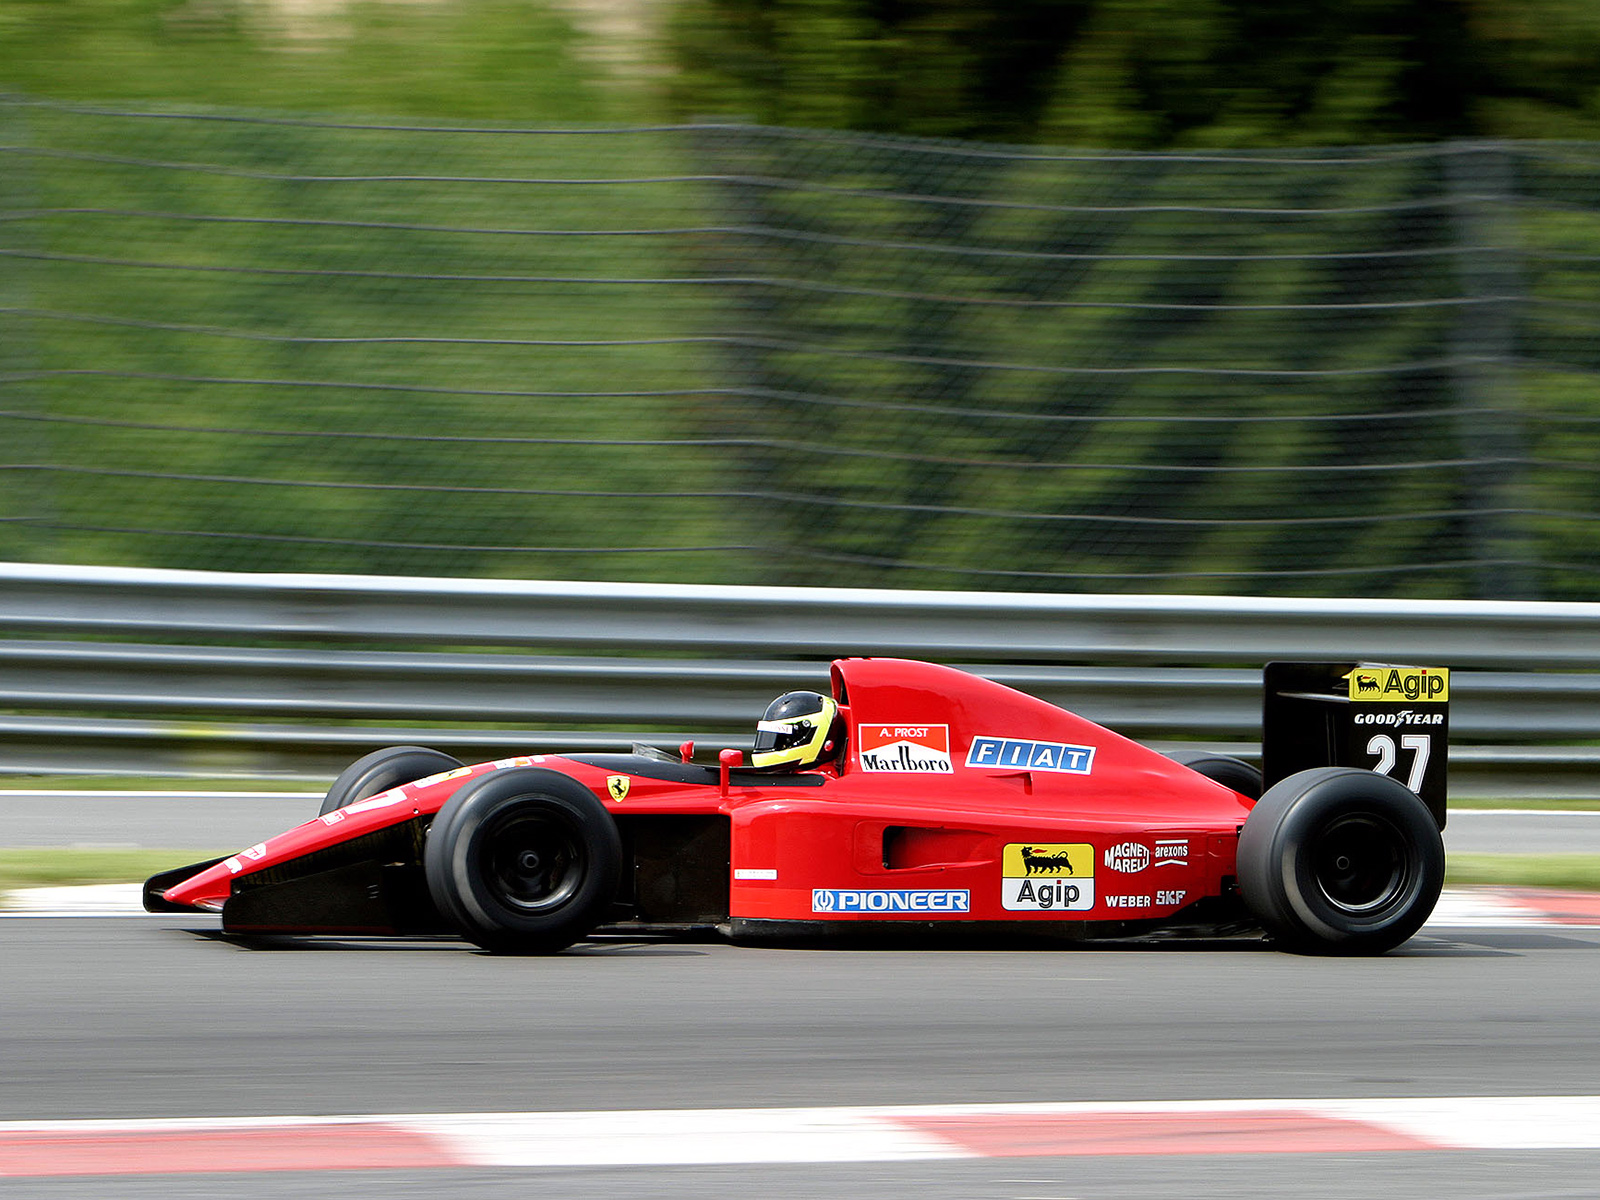 Ferrari f1 643 10